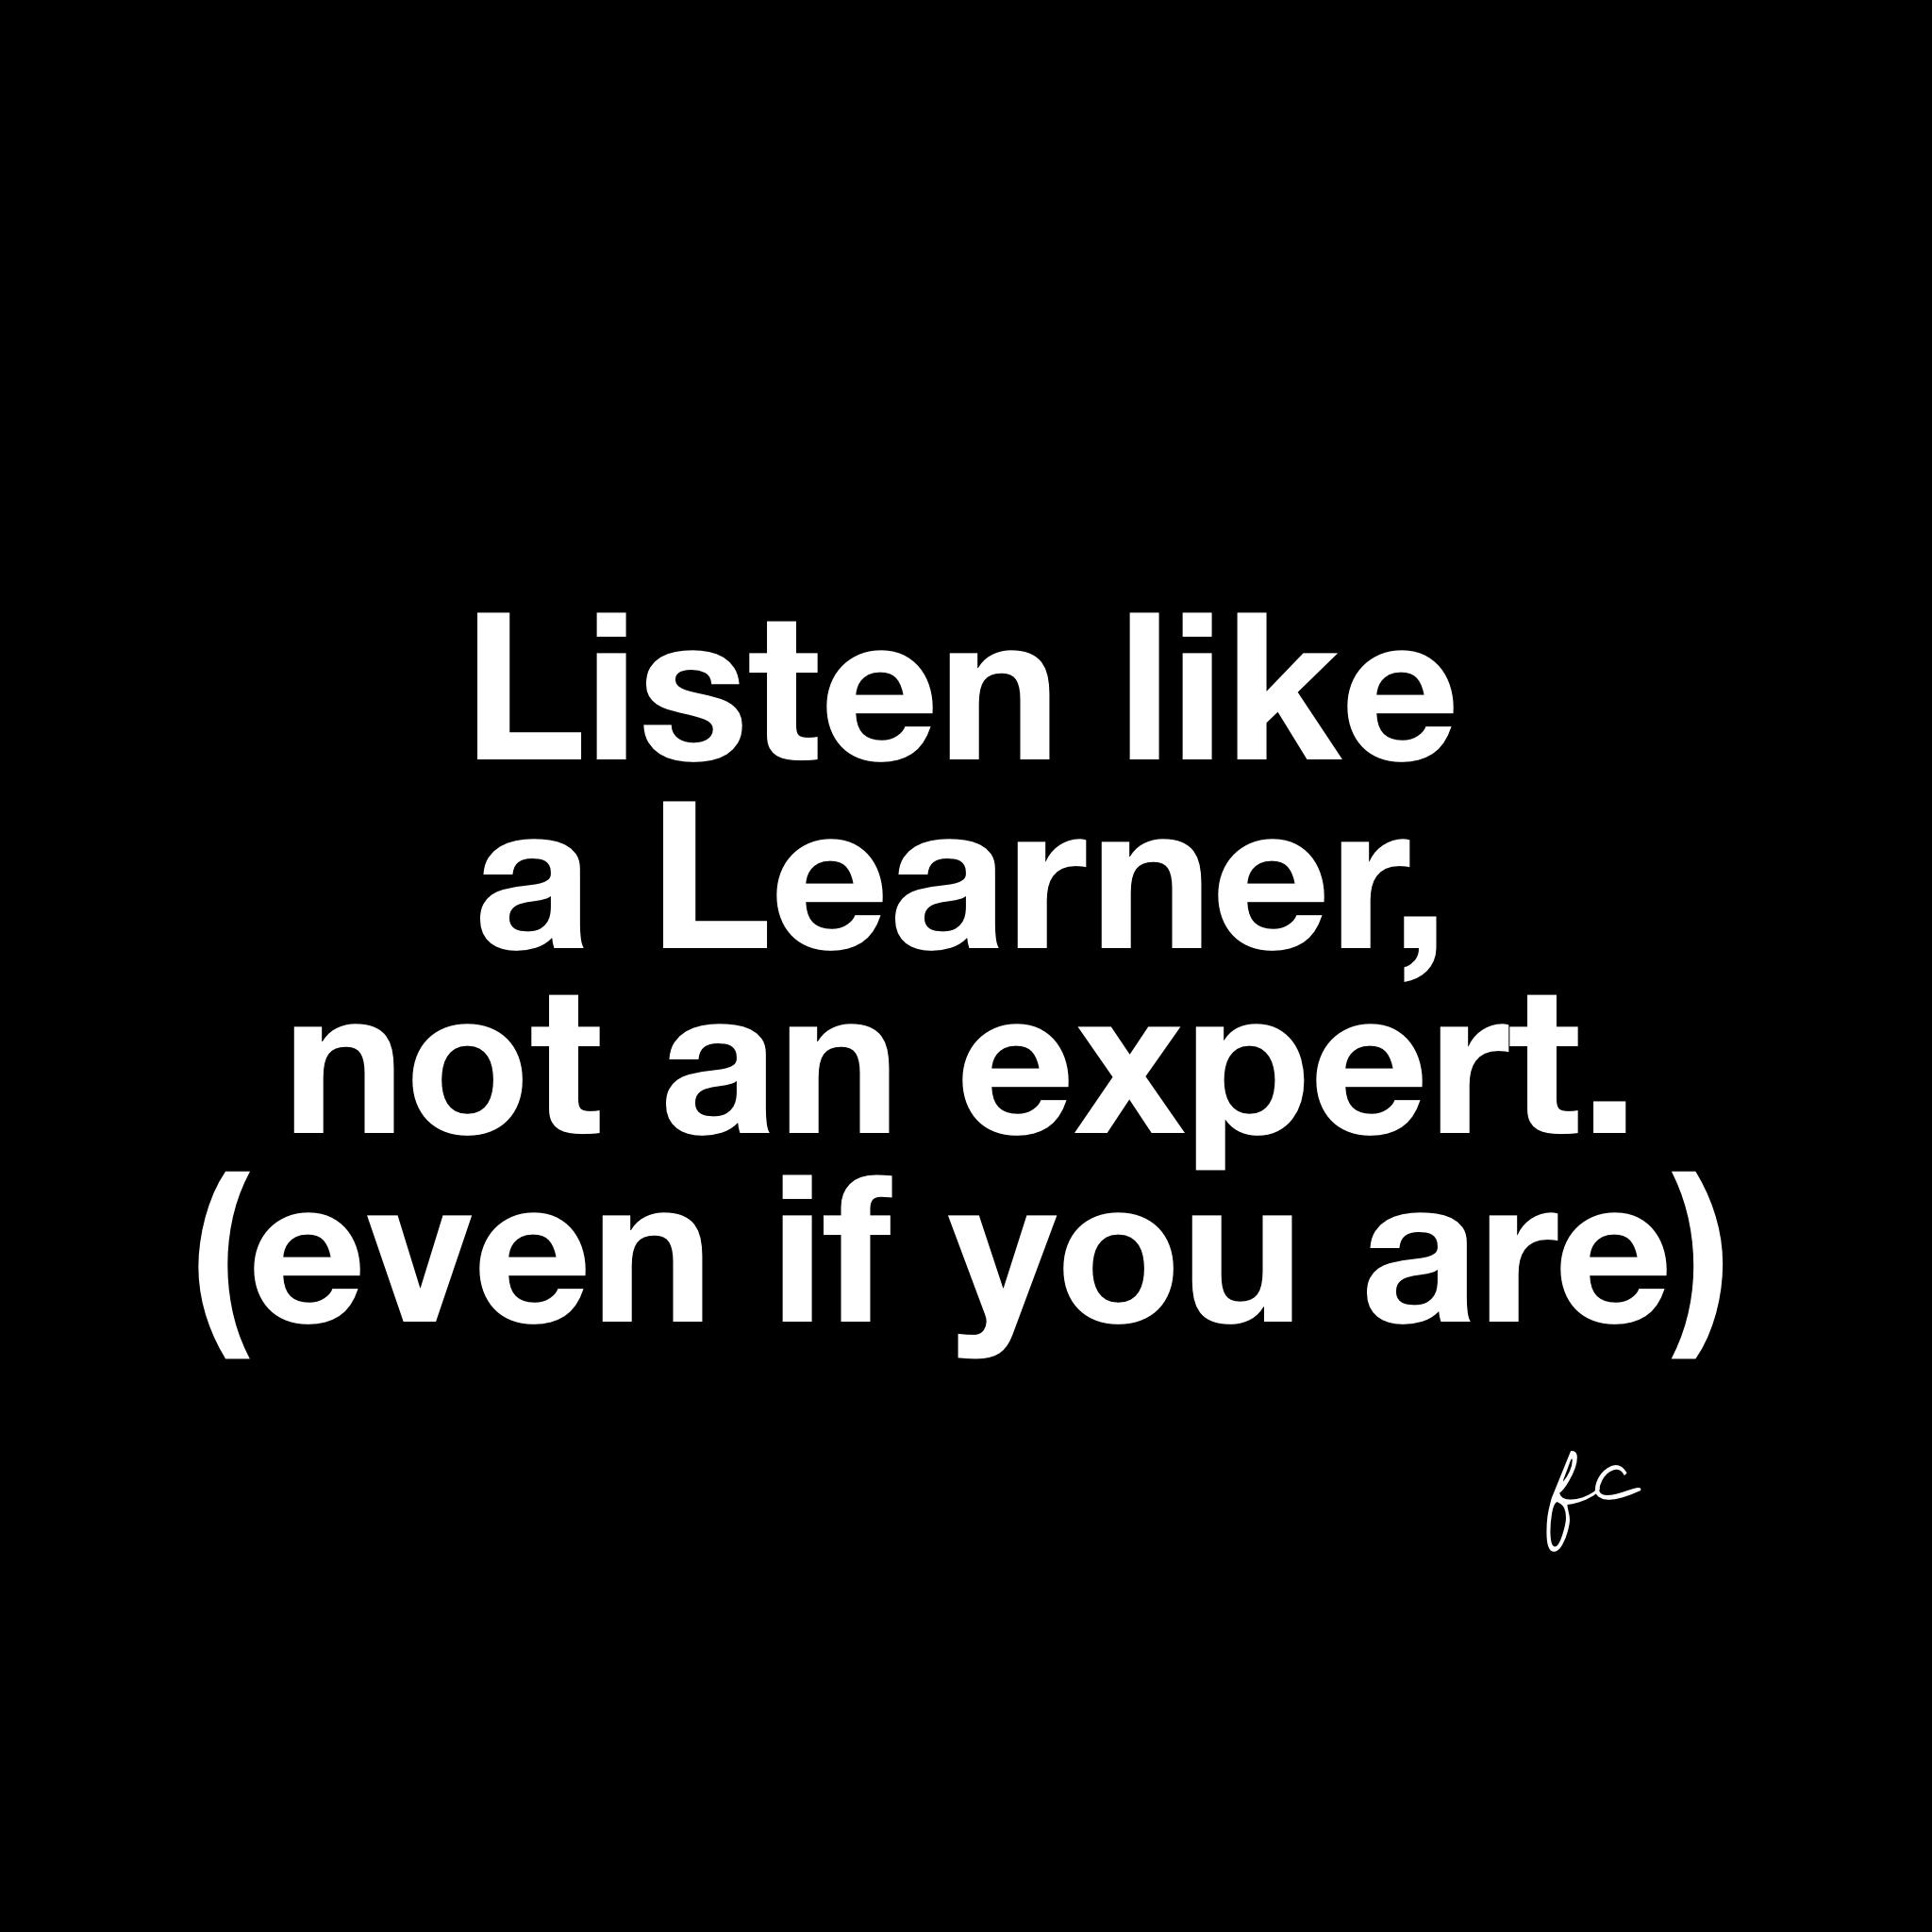 Listen like a learner not an expert